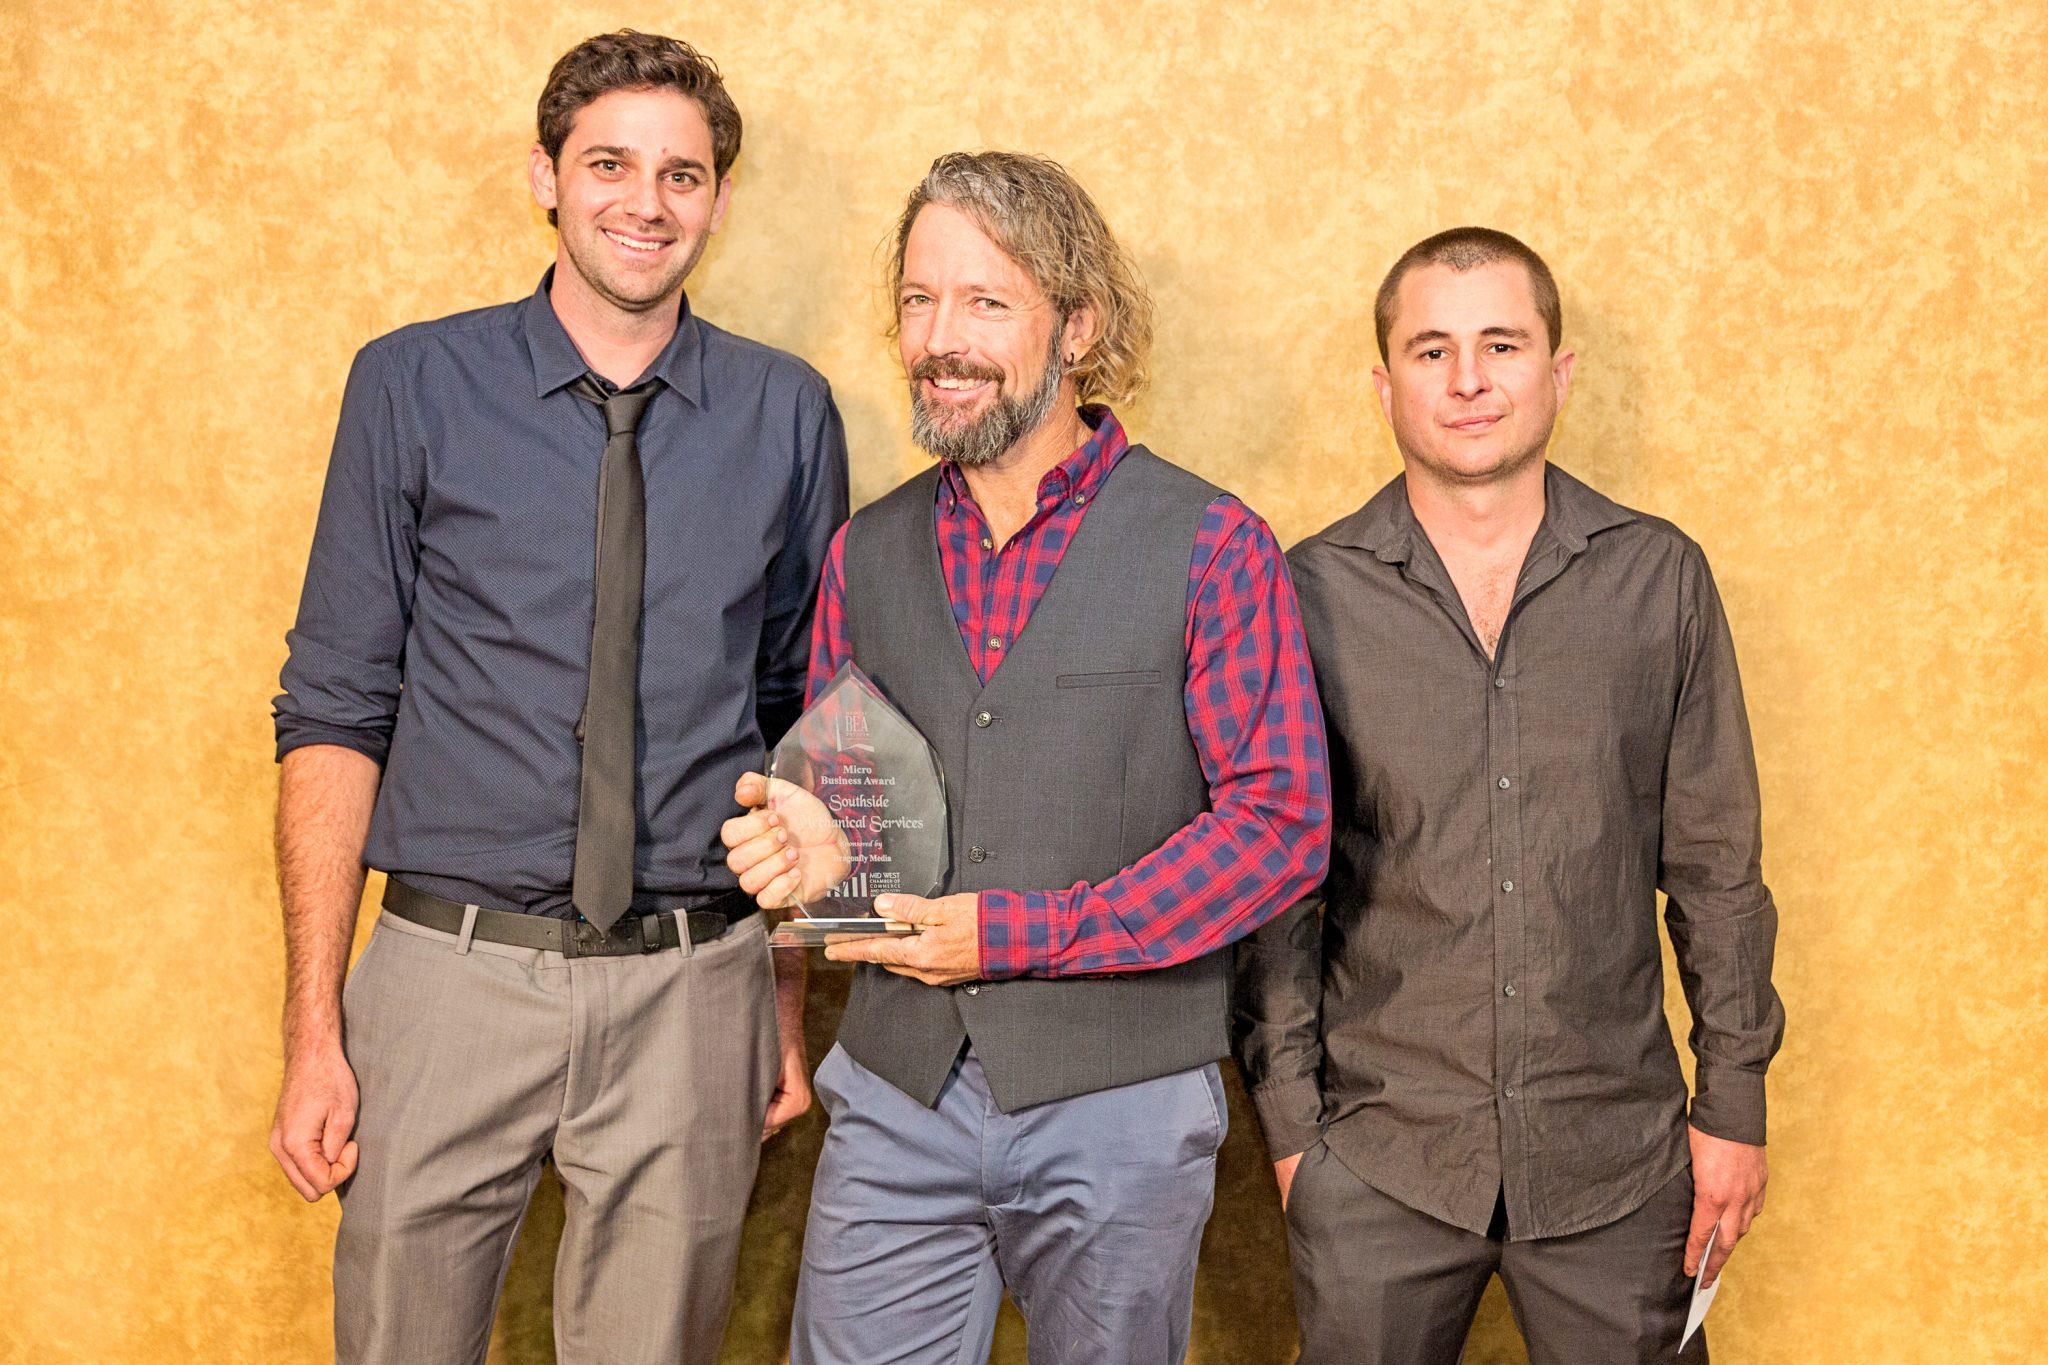 Geoff Watters, Luke Rogers, Jeremy D'Mello